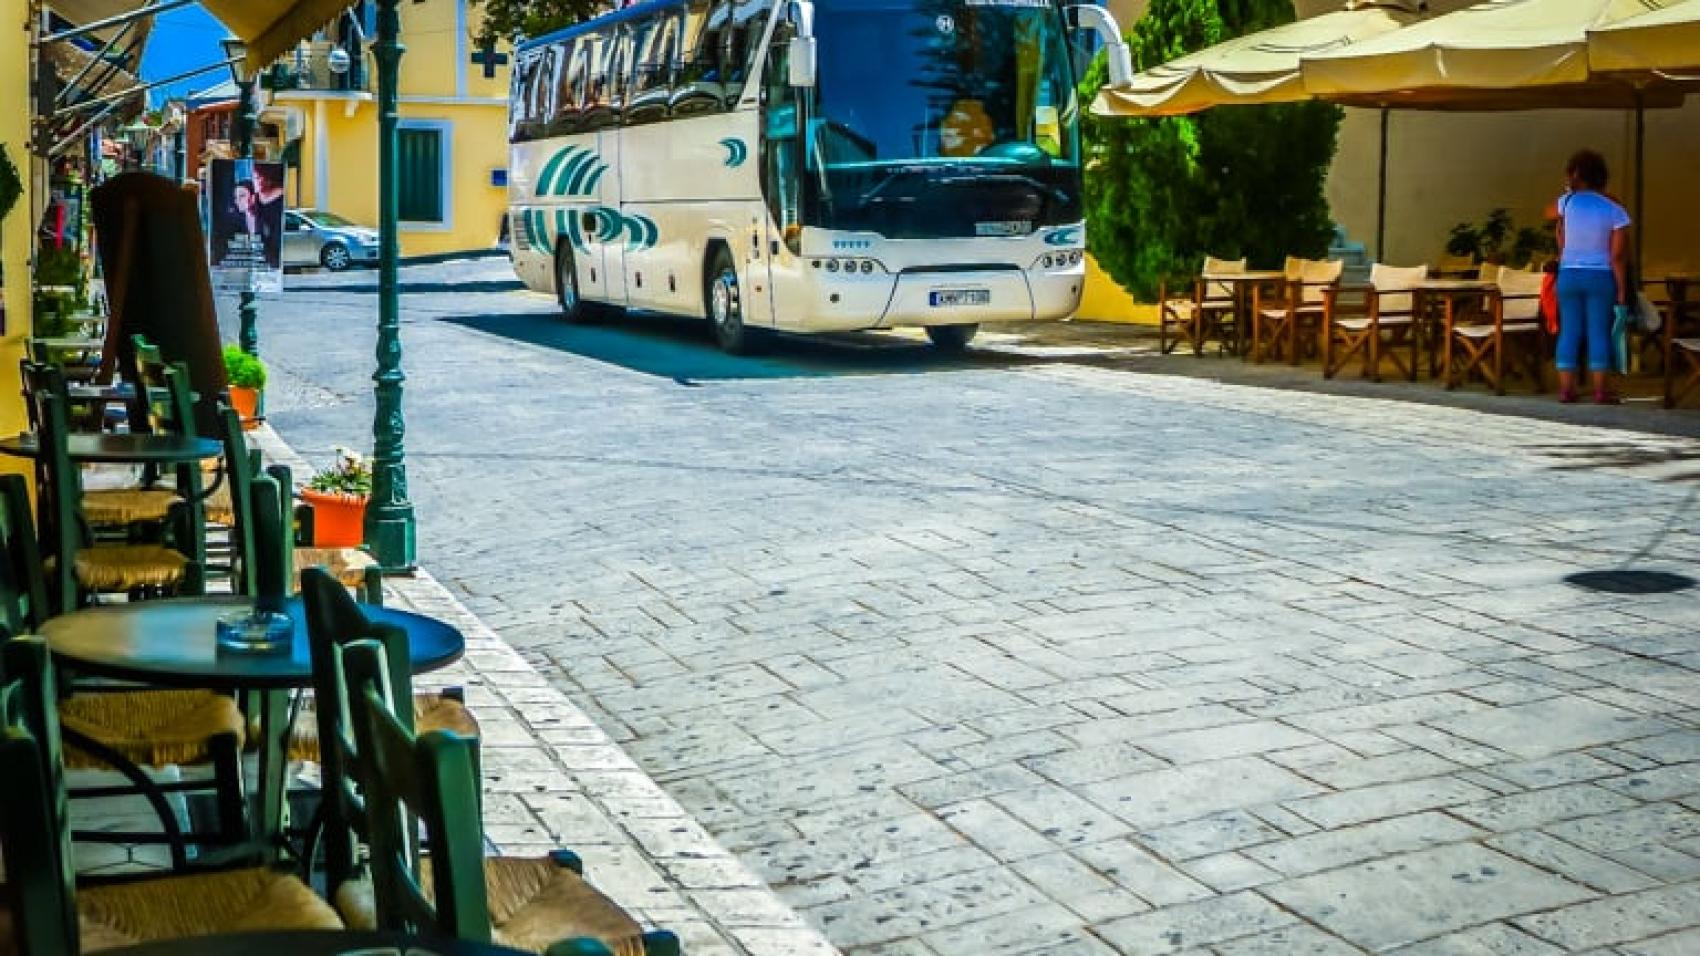 Modern KTEL Bus in Koroni - Travel